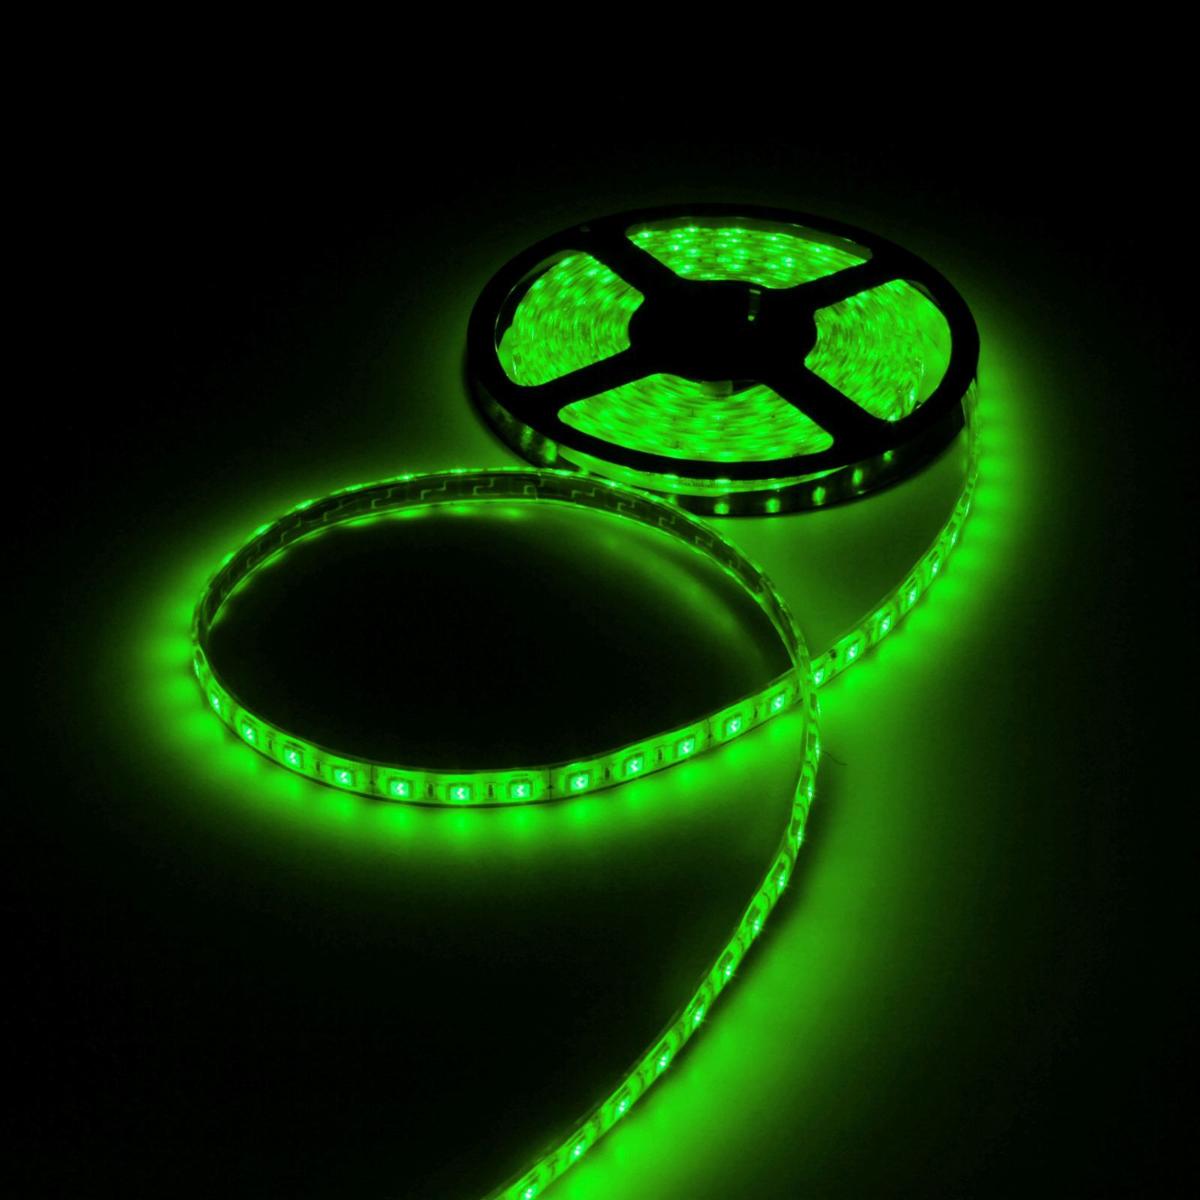 Светодиодная лента Luazon, 12В, SMD5050, длина 5 м, IP68, 60 LED ламп, 14.4 Вт/м, 14-16 Лм/1 LED, DC, цвет: зеленый883958Светодиодные гирлянды, ленты и т.д — это отличный вариант для новогоднего оформления интерьера или фасада. С их помощью помещение любого размера можно превратить в праздничный зал, а внешние элементы зданий, украшенные ими, мгновенно станут напоминать очертания сказочного дворца. Такие украшения создают ауру предвкушения чуда. Деревья, фасады, витрины, окна и арки будто специально созданы, чтобы вы украсили их светящимися нитями.